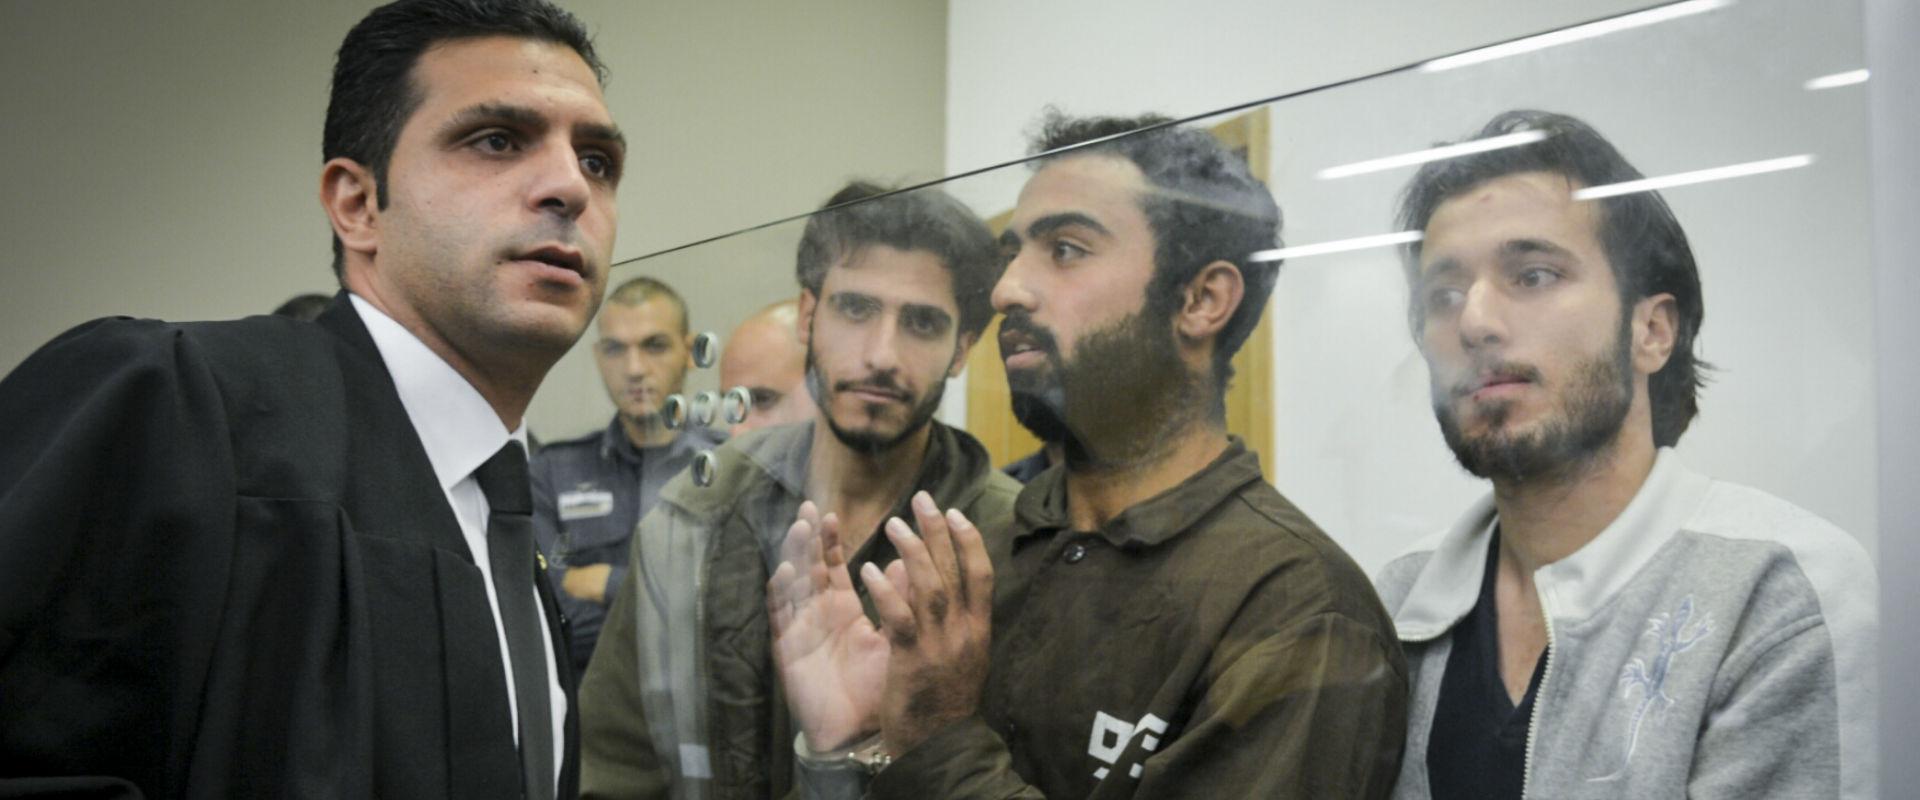 מימין: שלושת המחבלים המורשעים בבית המשפט, בשנה שעב